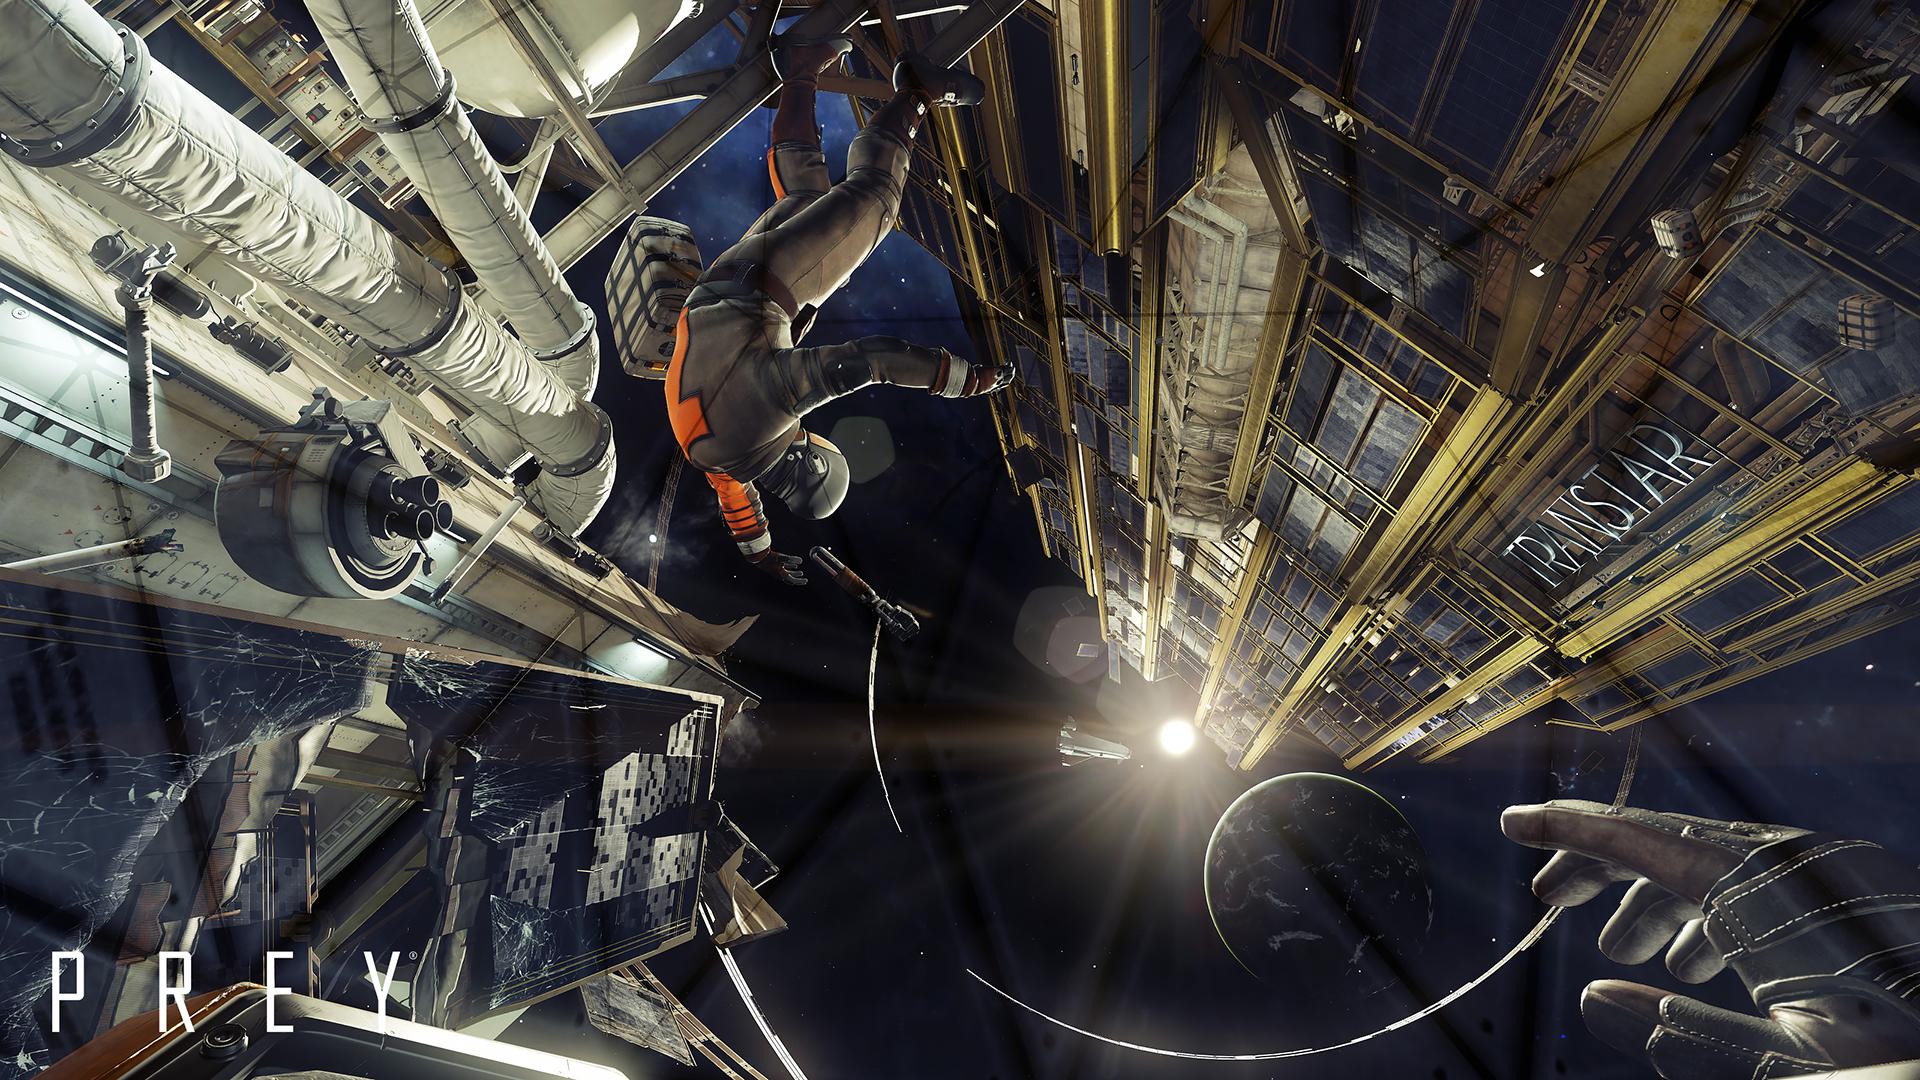 Du kan faktisk dra ut i rommet og sveve til andre deler av romstasjonen.